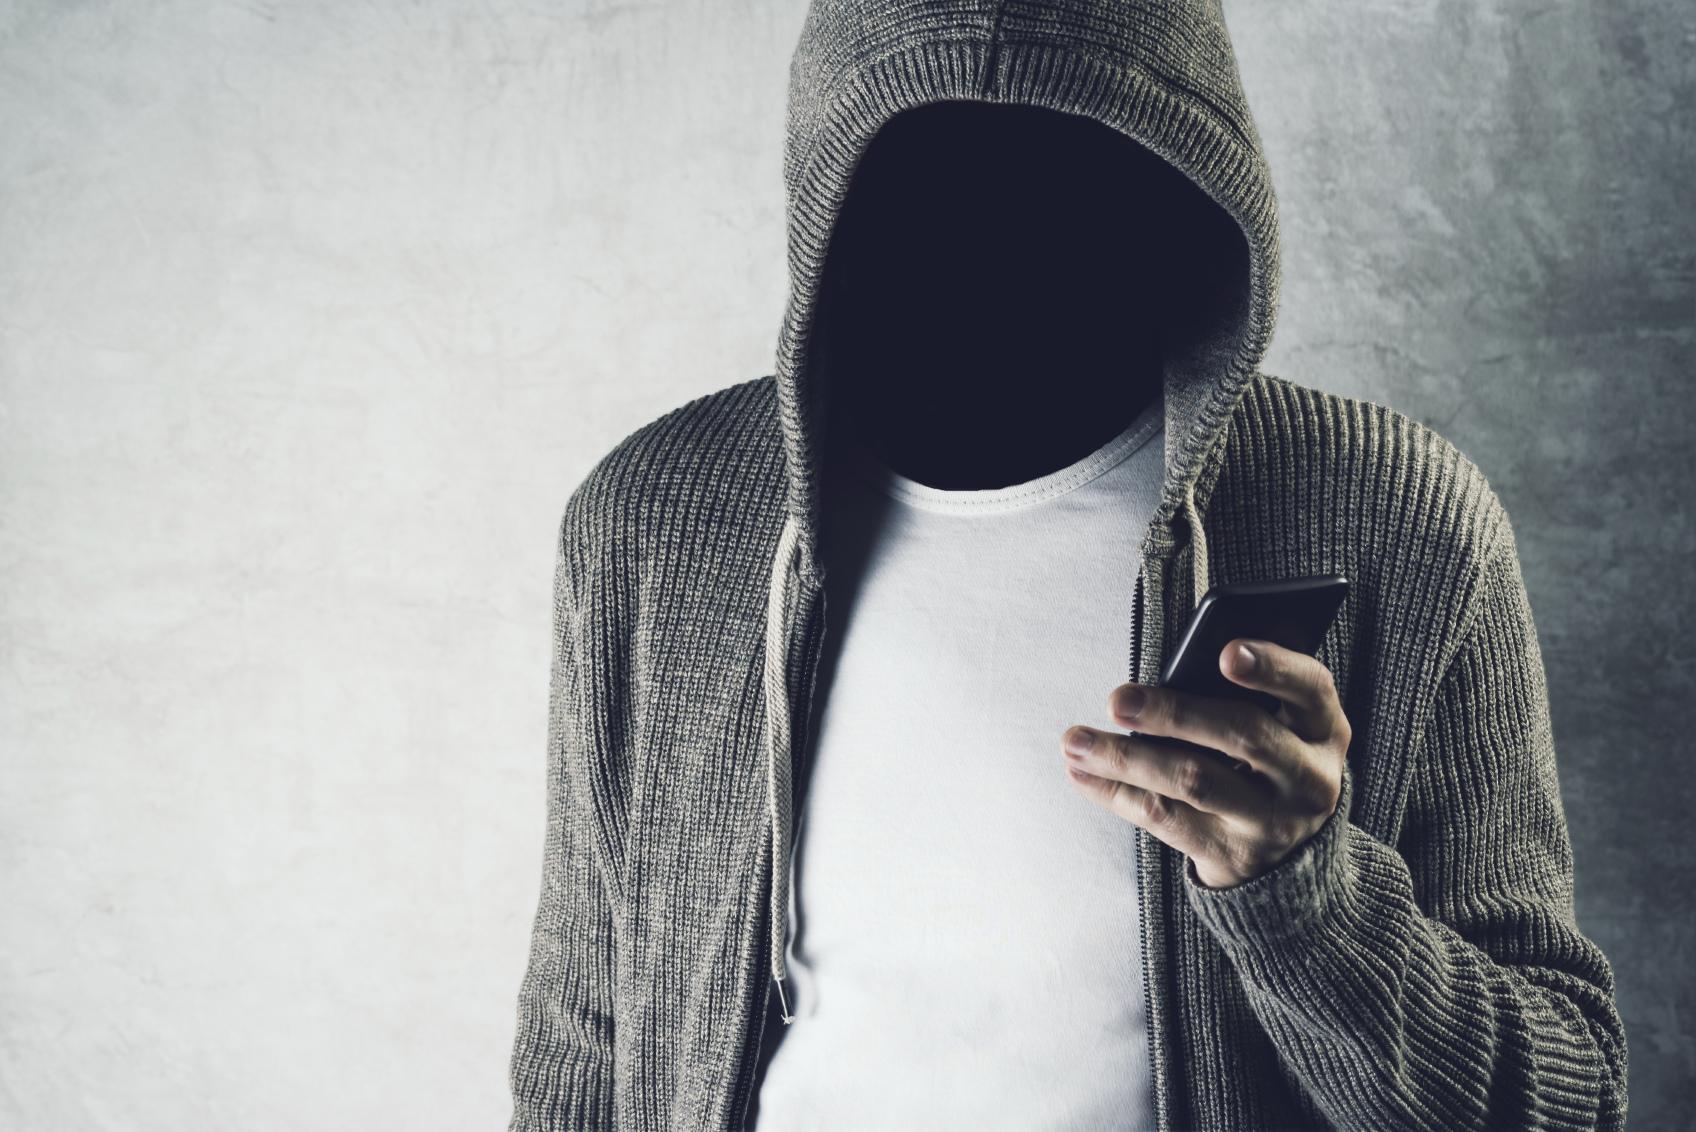 Gefahren im Internet: Anonymitaet